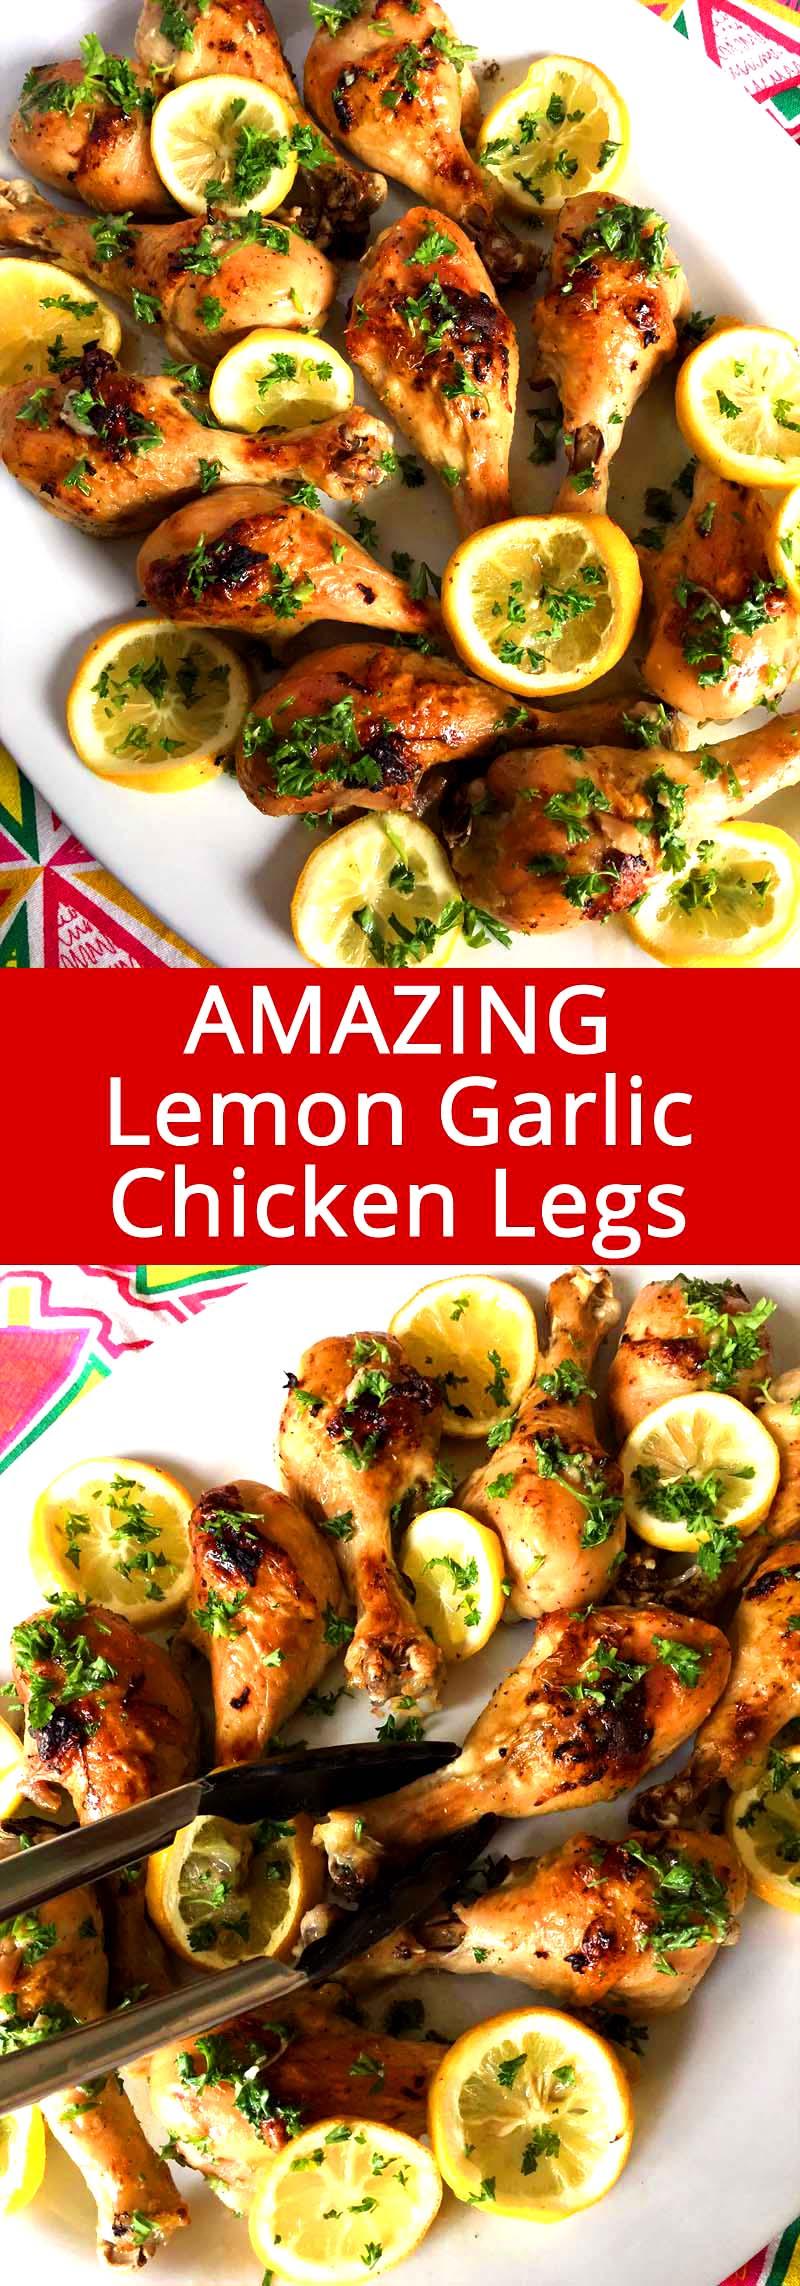 Easy Baked Lemon Garlic Chicken Legs Recipe Melanie Cooks